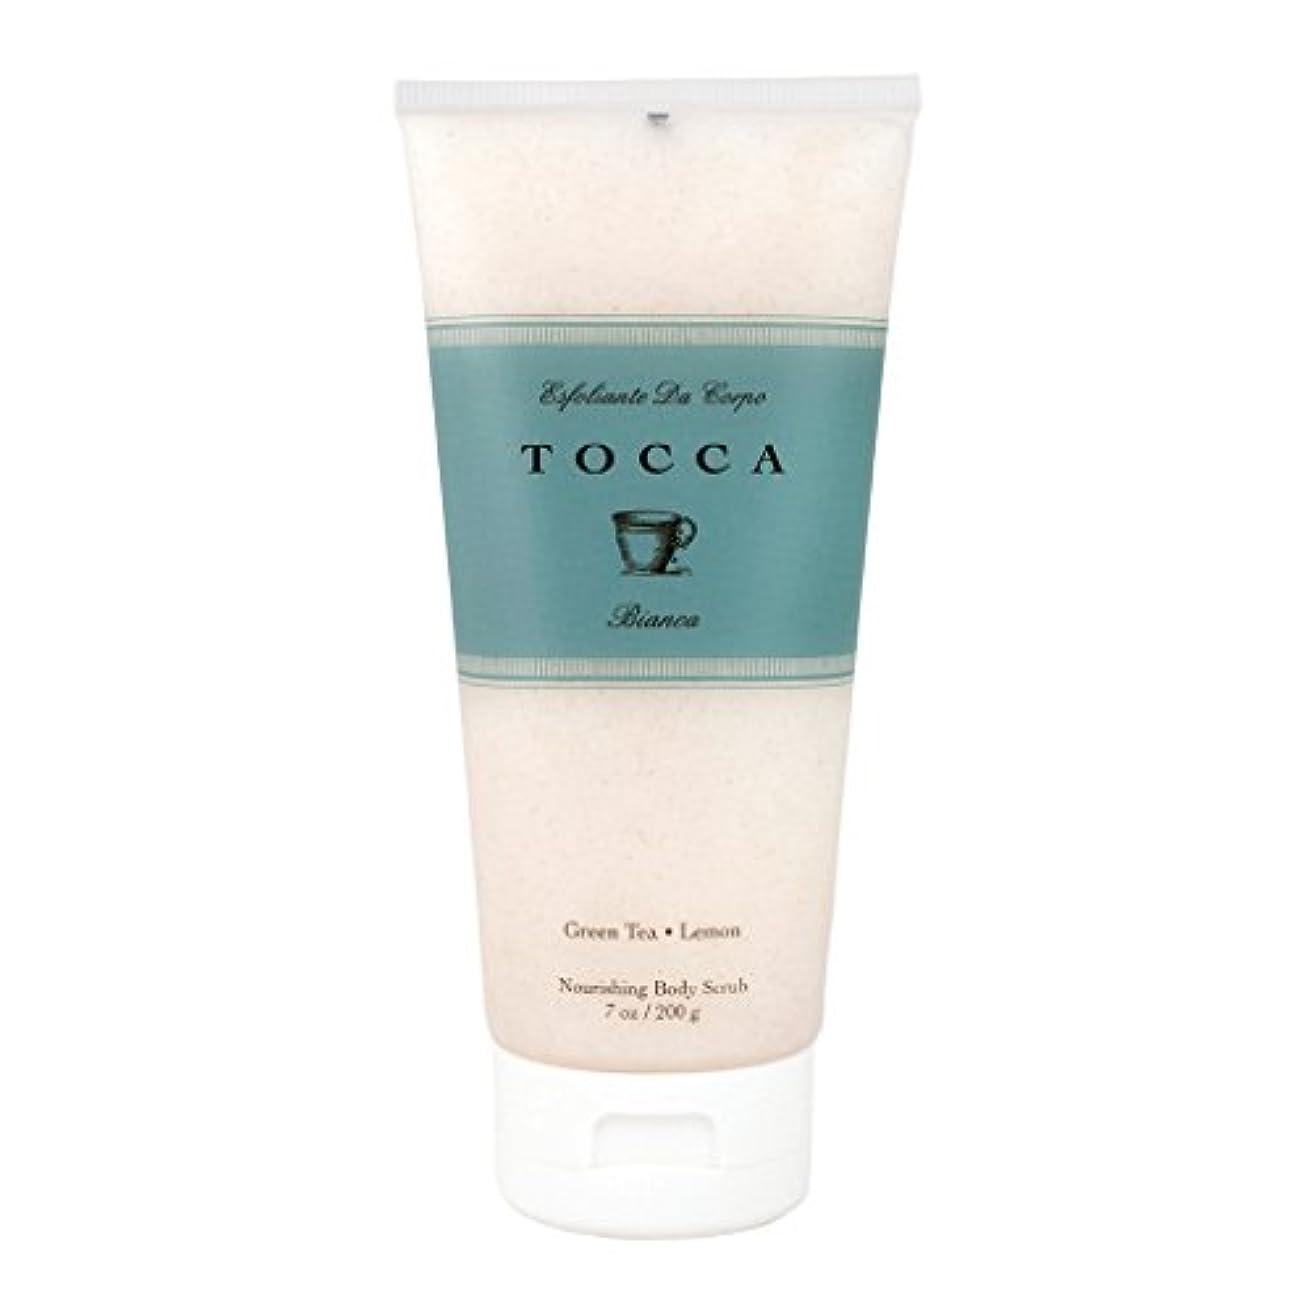 注入する六無駄トッカ(TOCCA) ボディーケアスクラブ  ビアンカの香り 200ml(全身?ボディー用マッサージ料 シトラスとグリーンティー、ローズが絶妙に溶け合ったほのかに甘さ漂うフレッシュな香り)